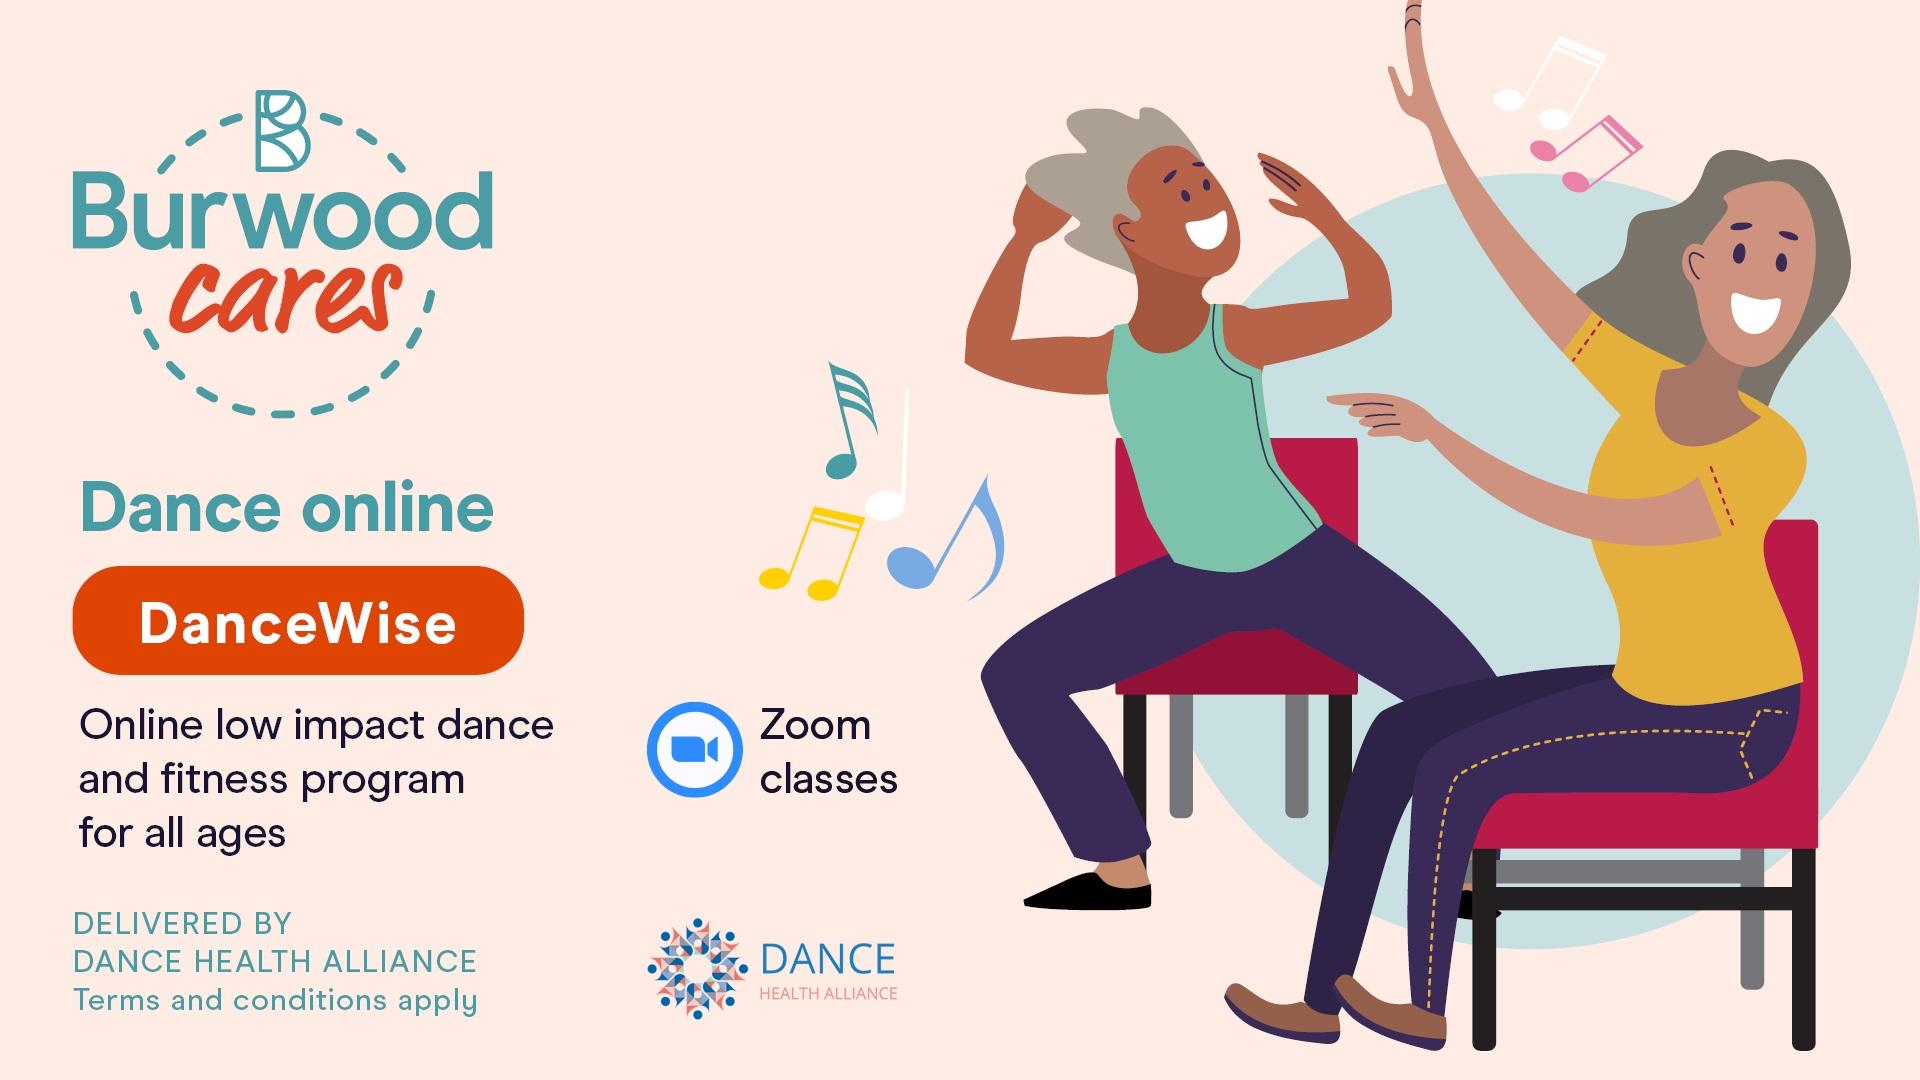 BUR1087 Burwood Cares_Dance Online 1920x1080.jpg